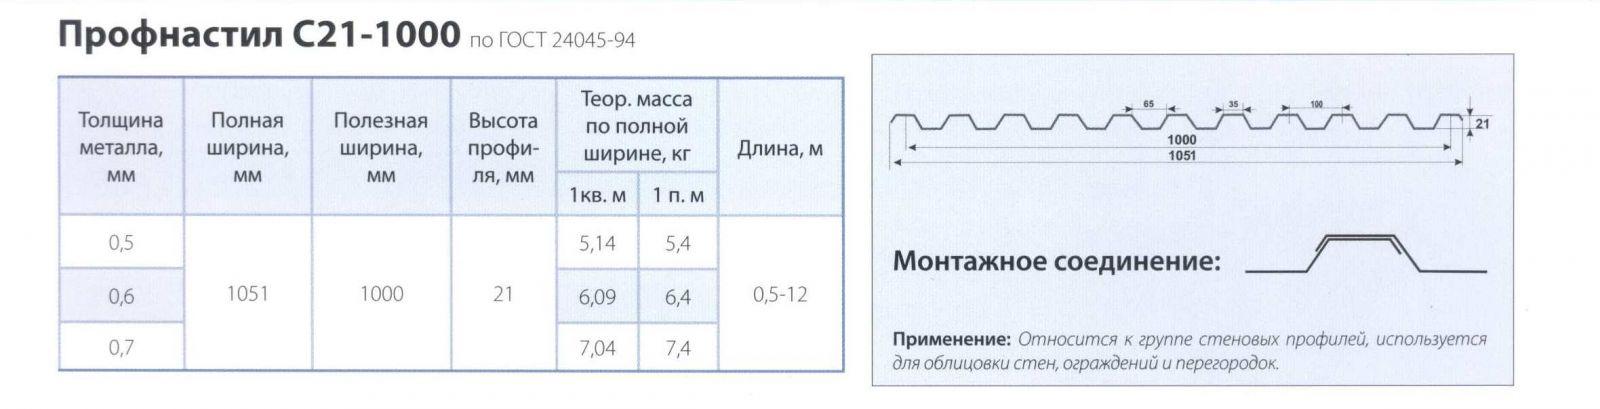 профлист с21 вес